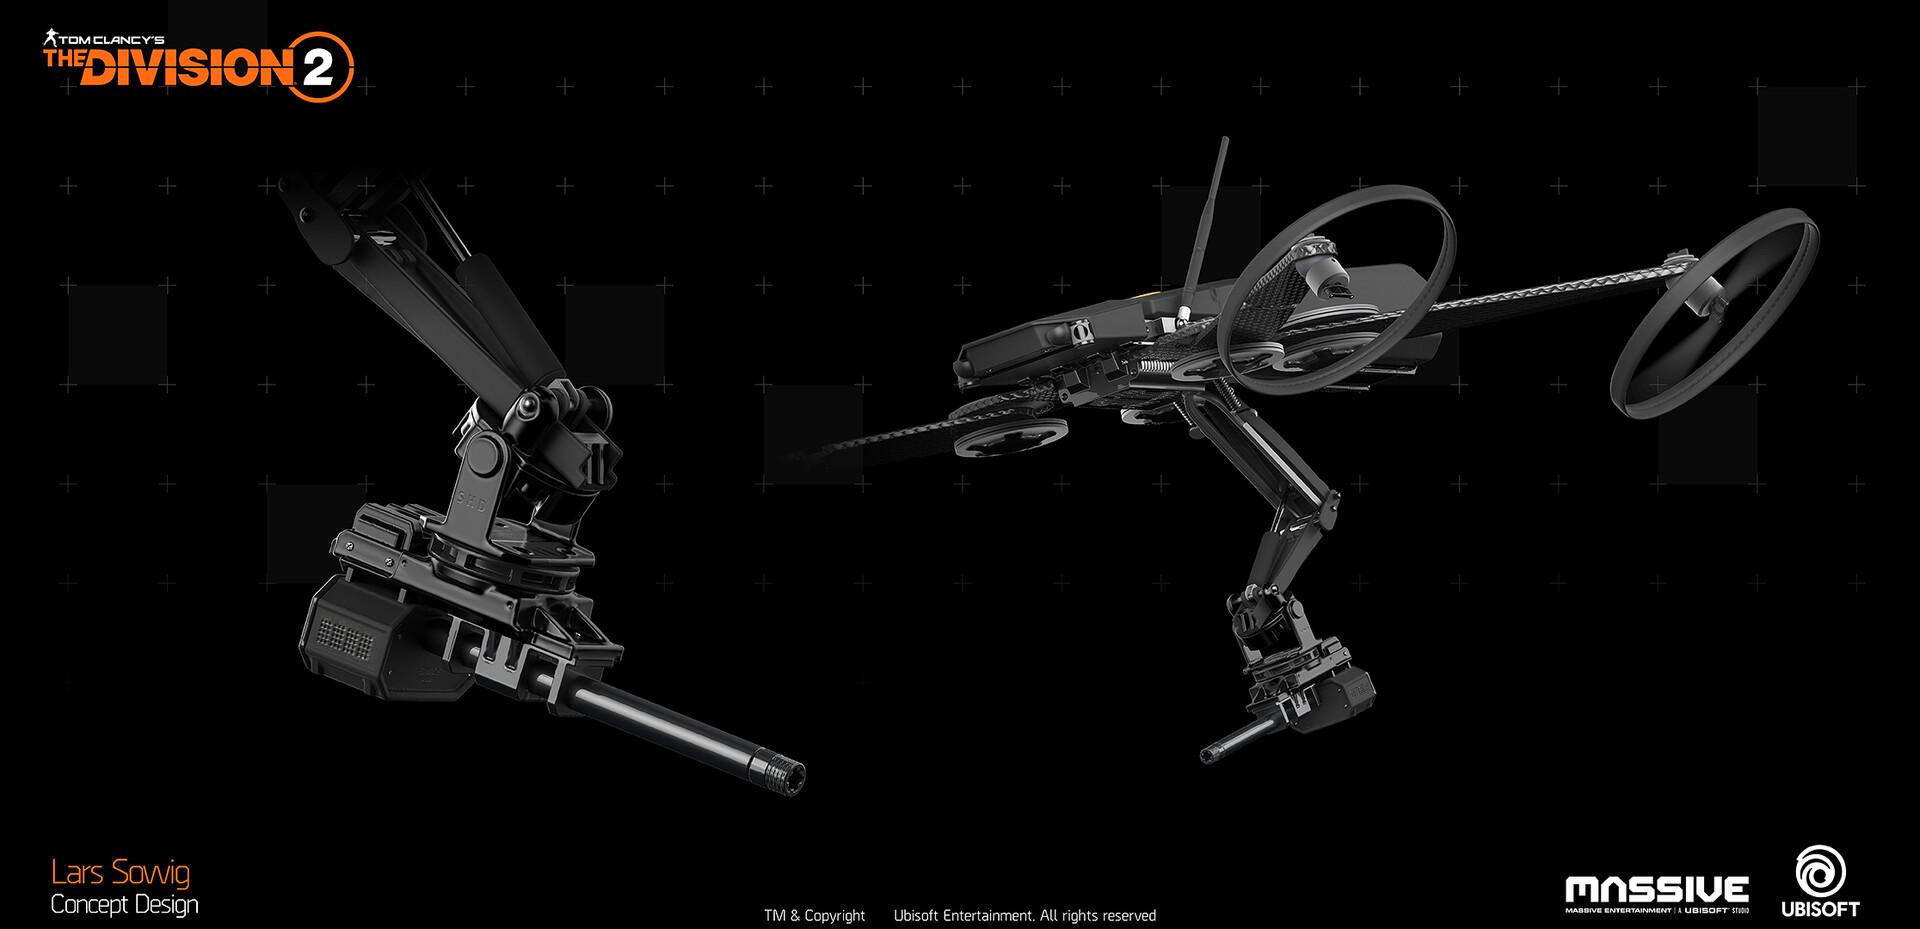 Lars sowig lars sowig 0005 drone 6 copy